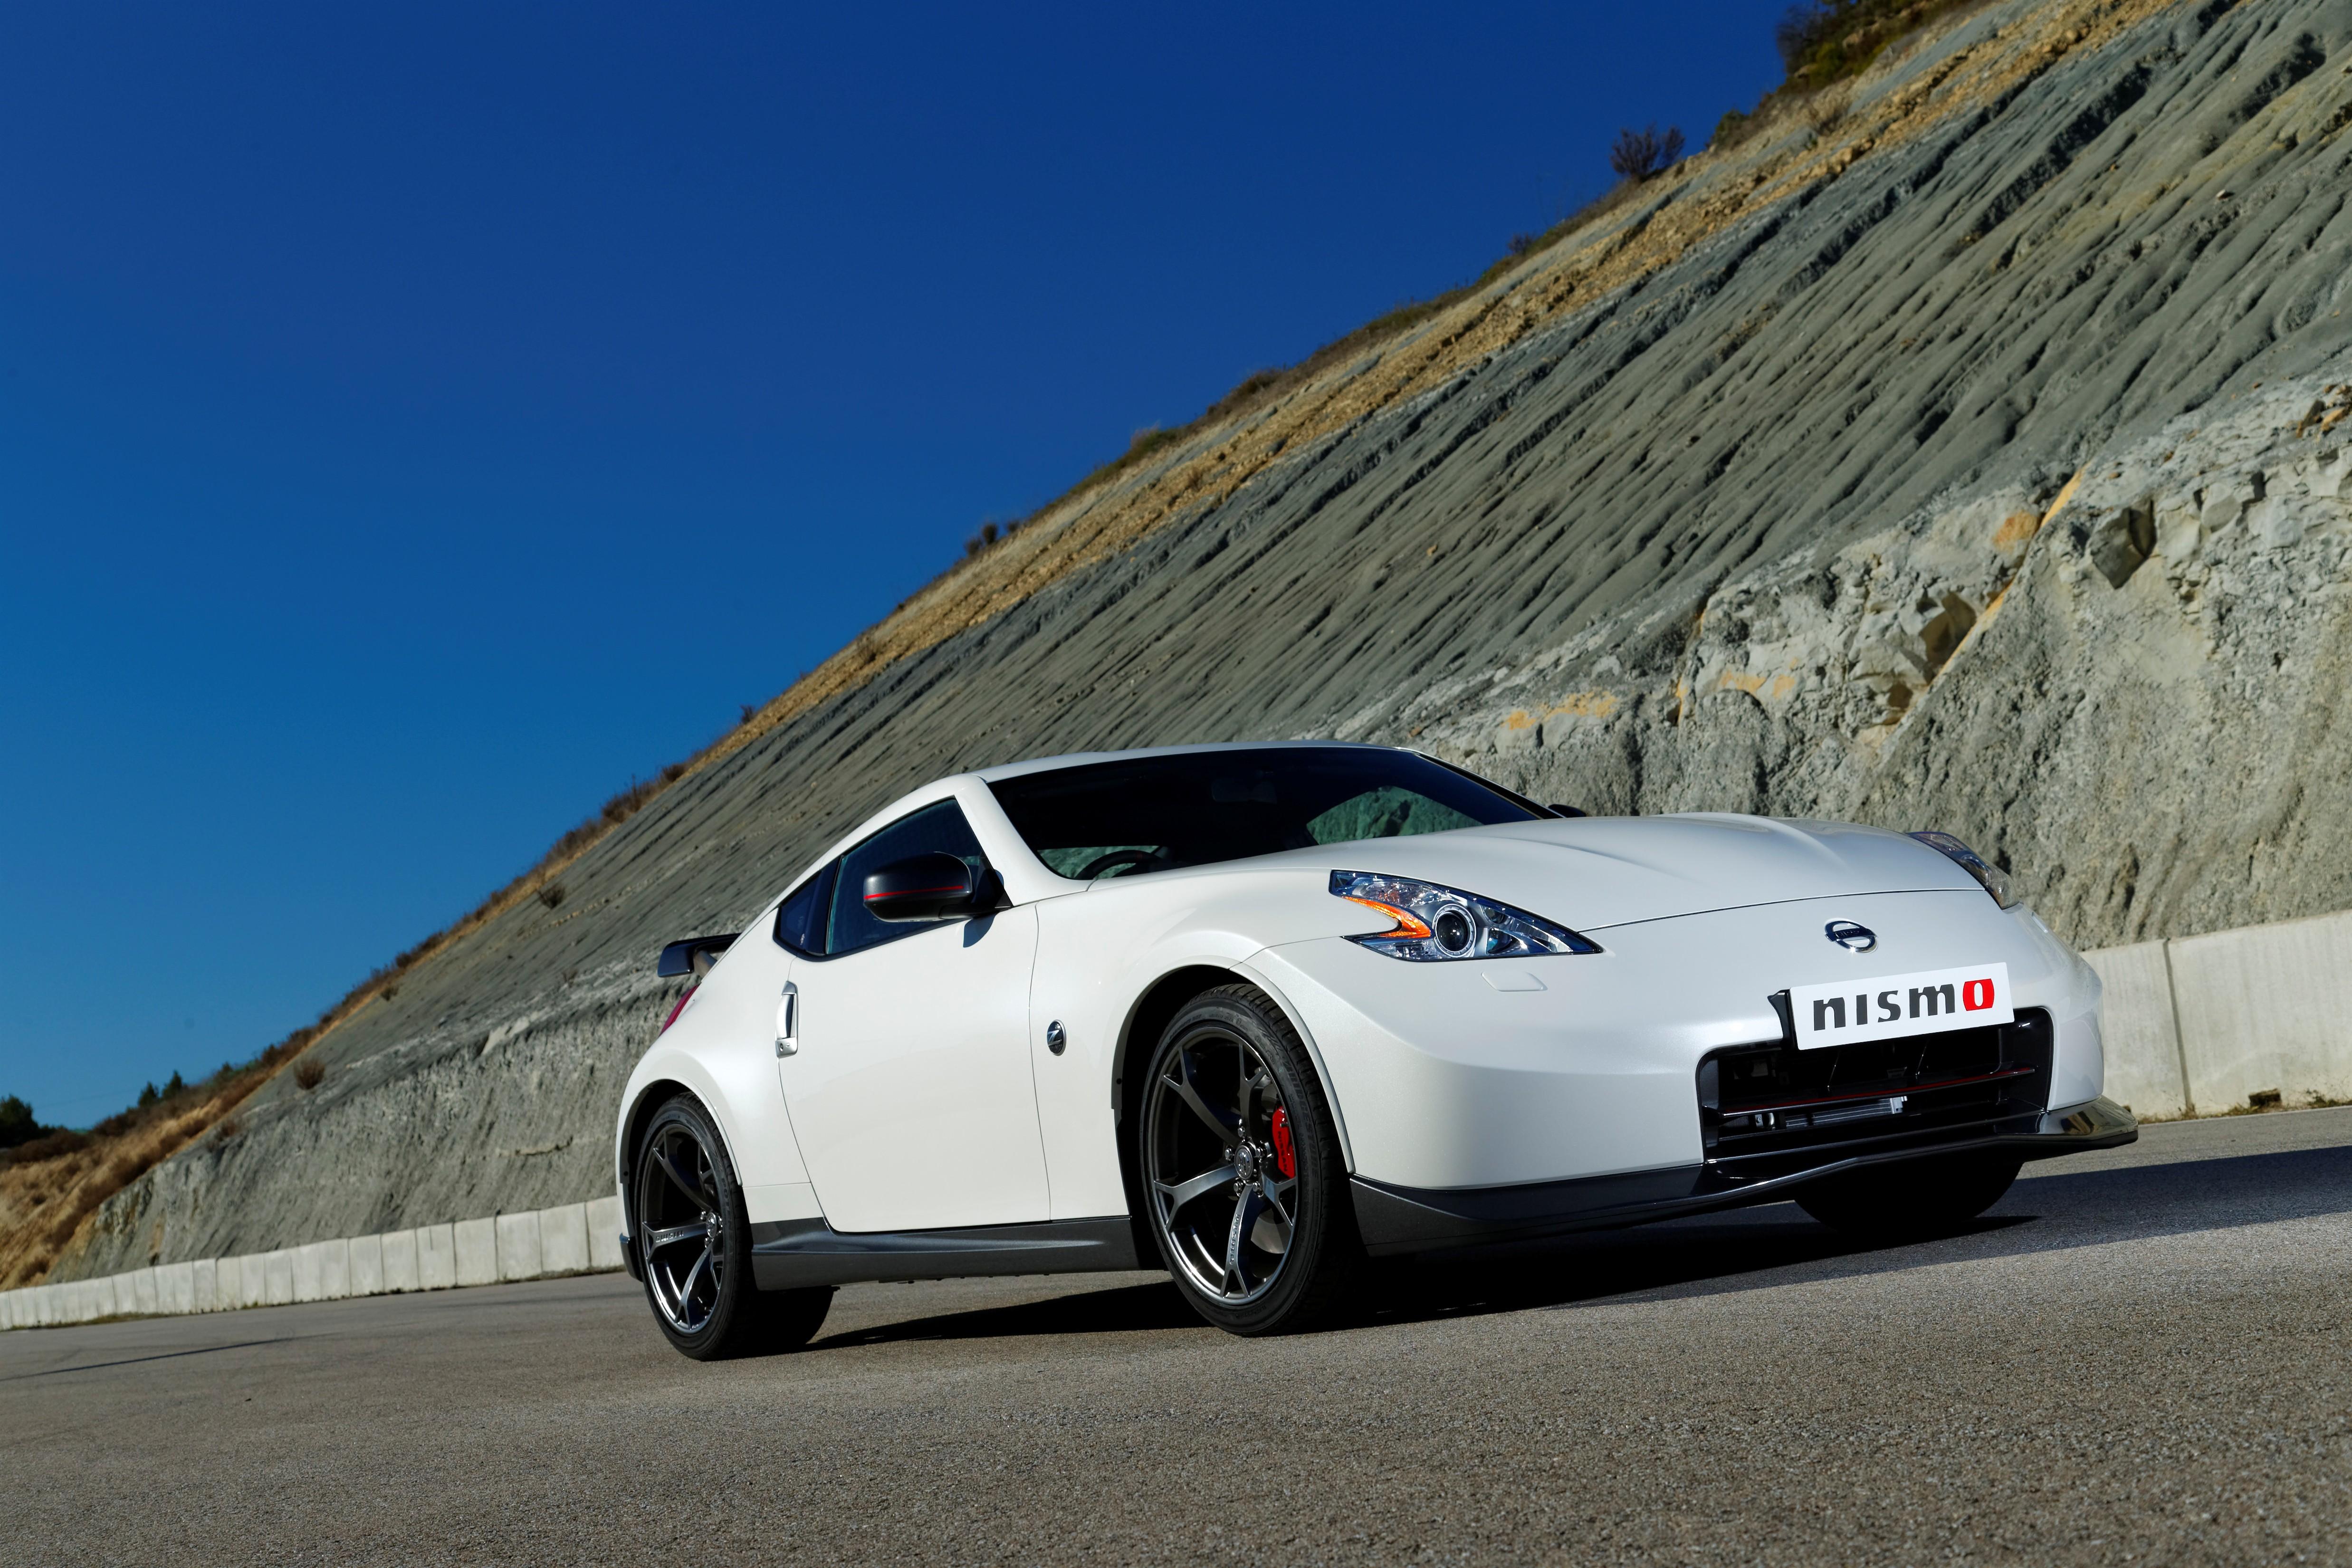 Bridgestone equips sporty new Nissan 370Z Nismo